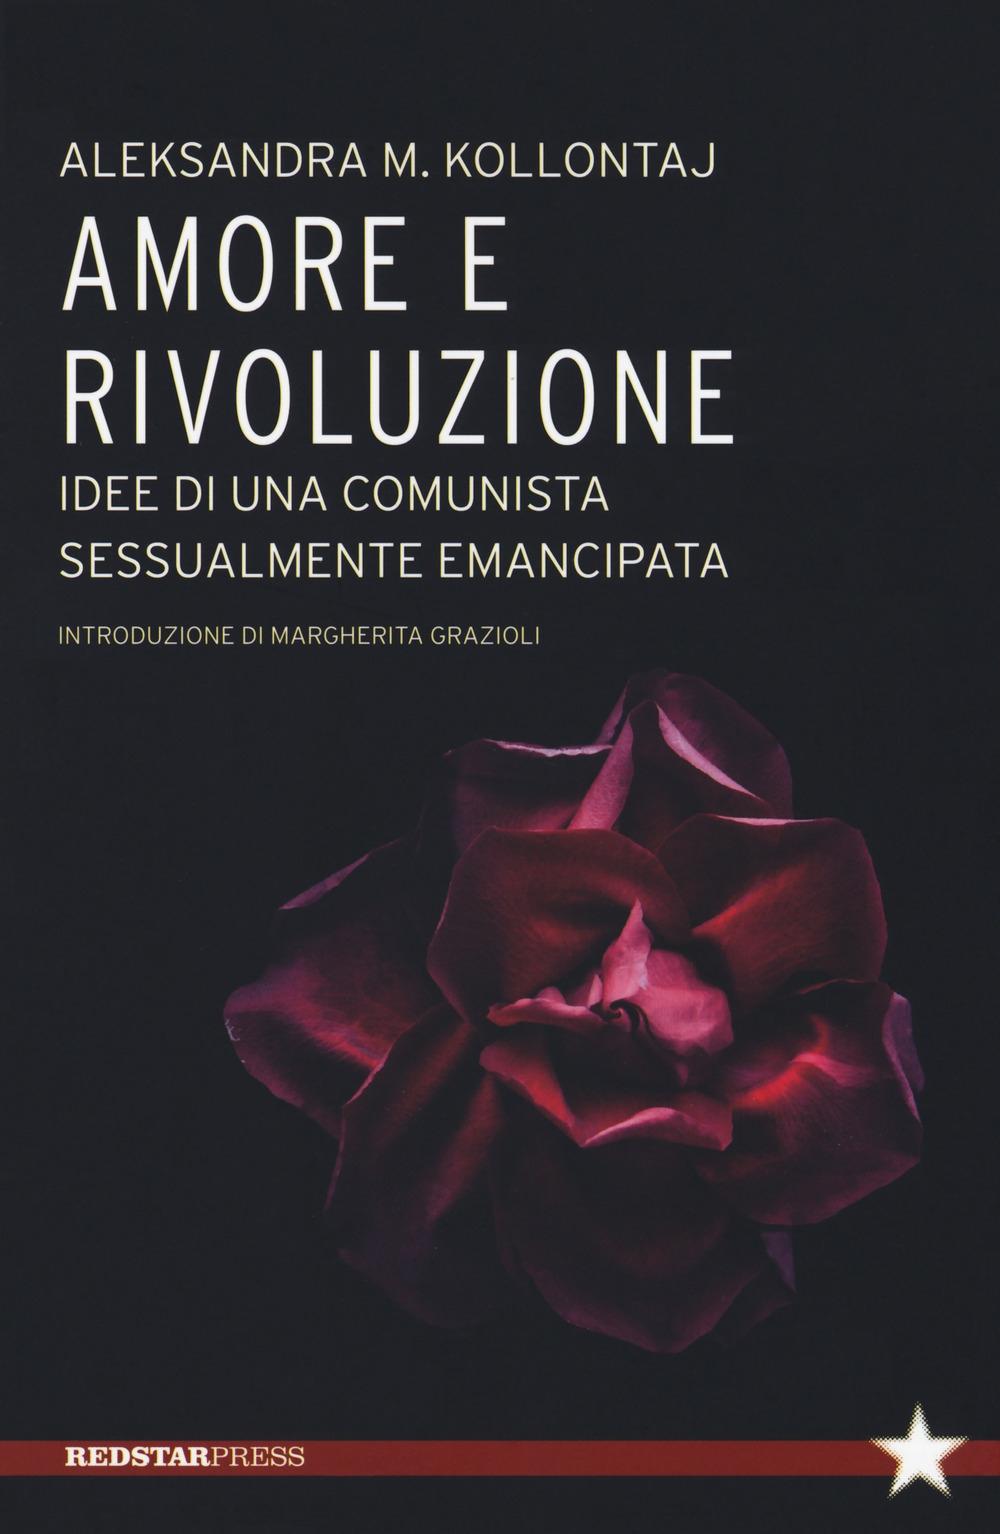 Amore e rivoluzione. idee di una comunista sessualmente emancipata